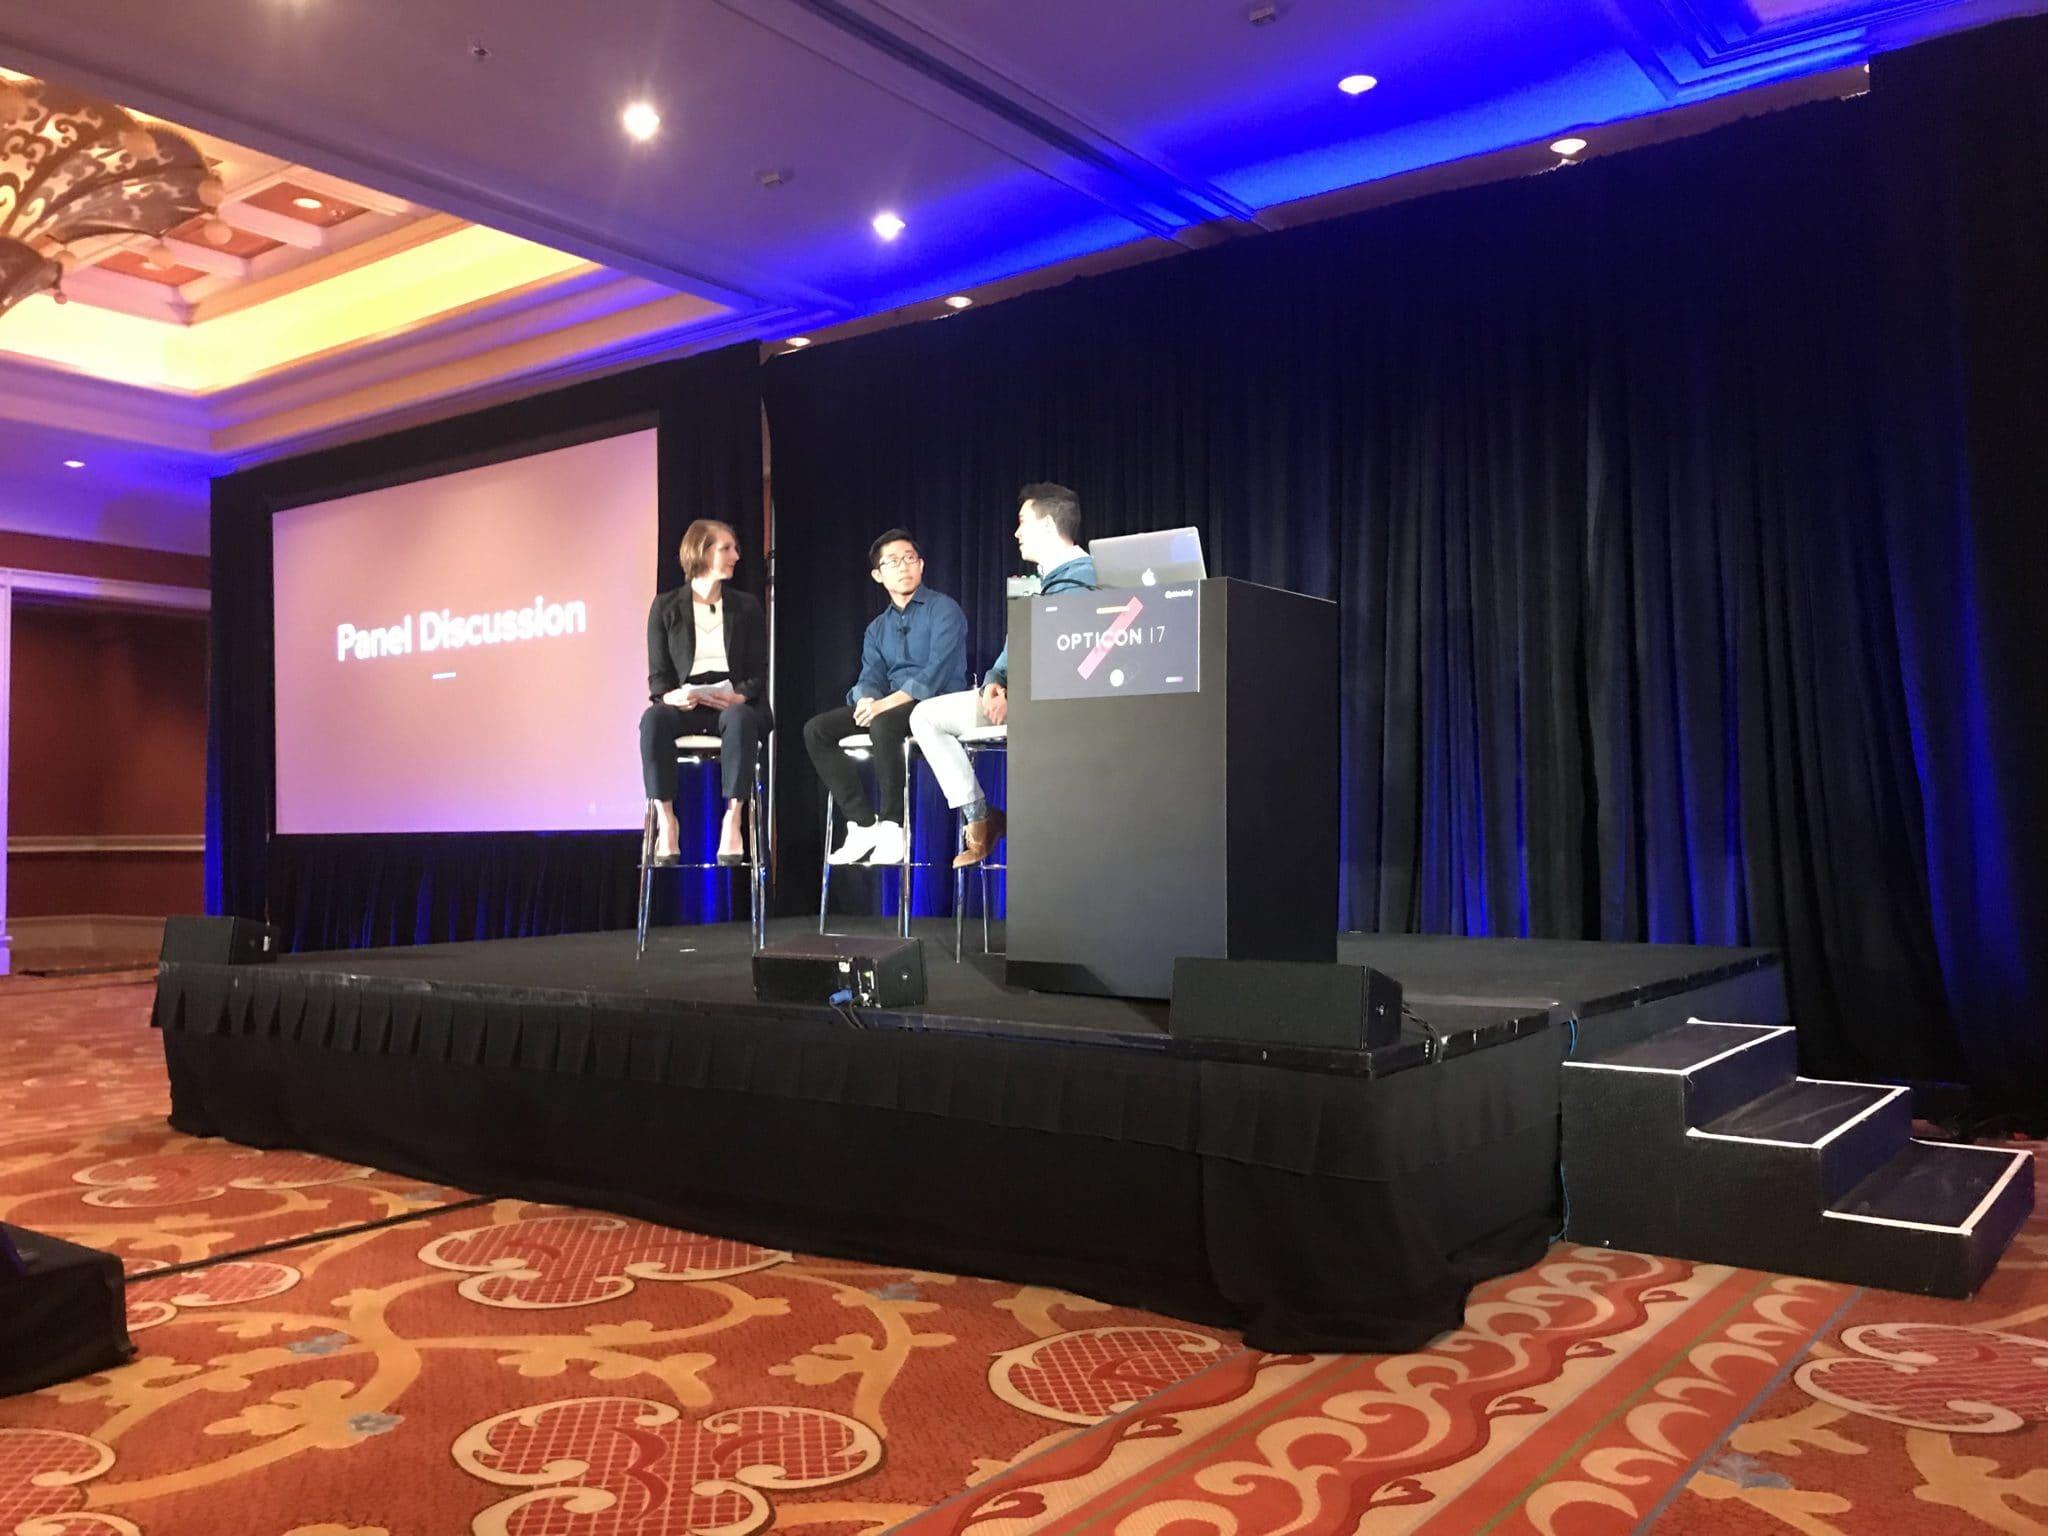 Opticon 2017 - Presentation panel discussion